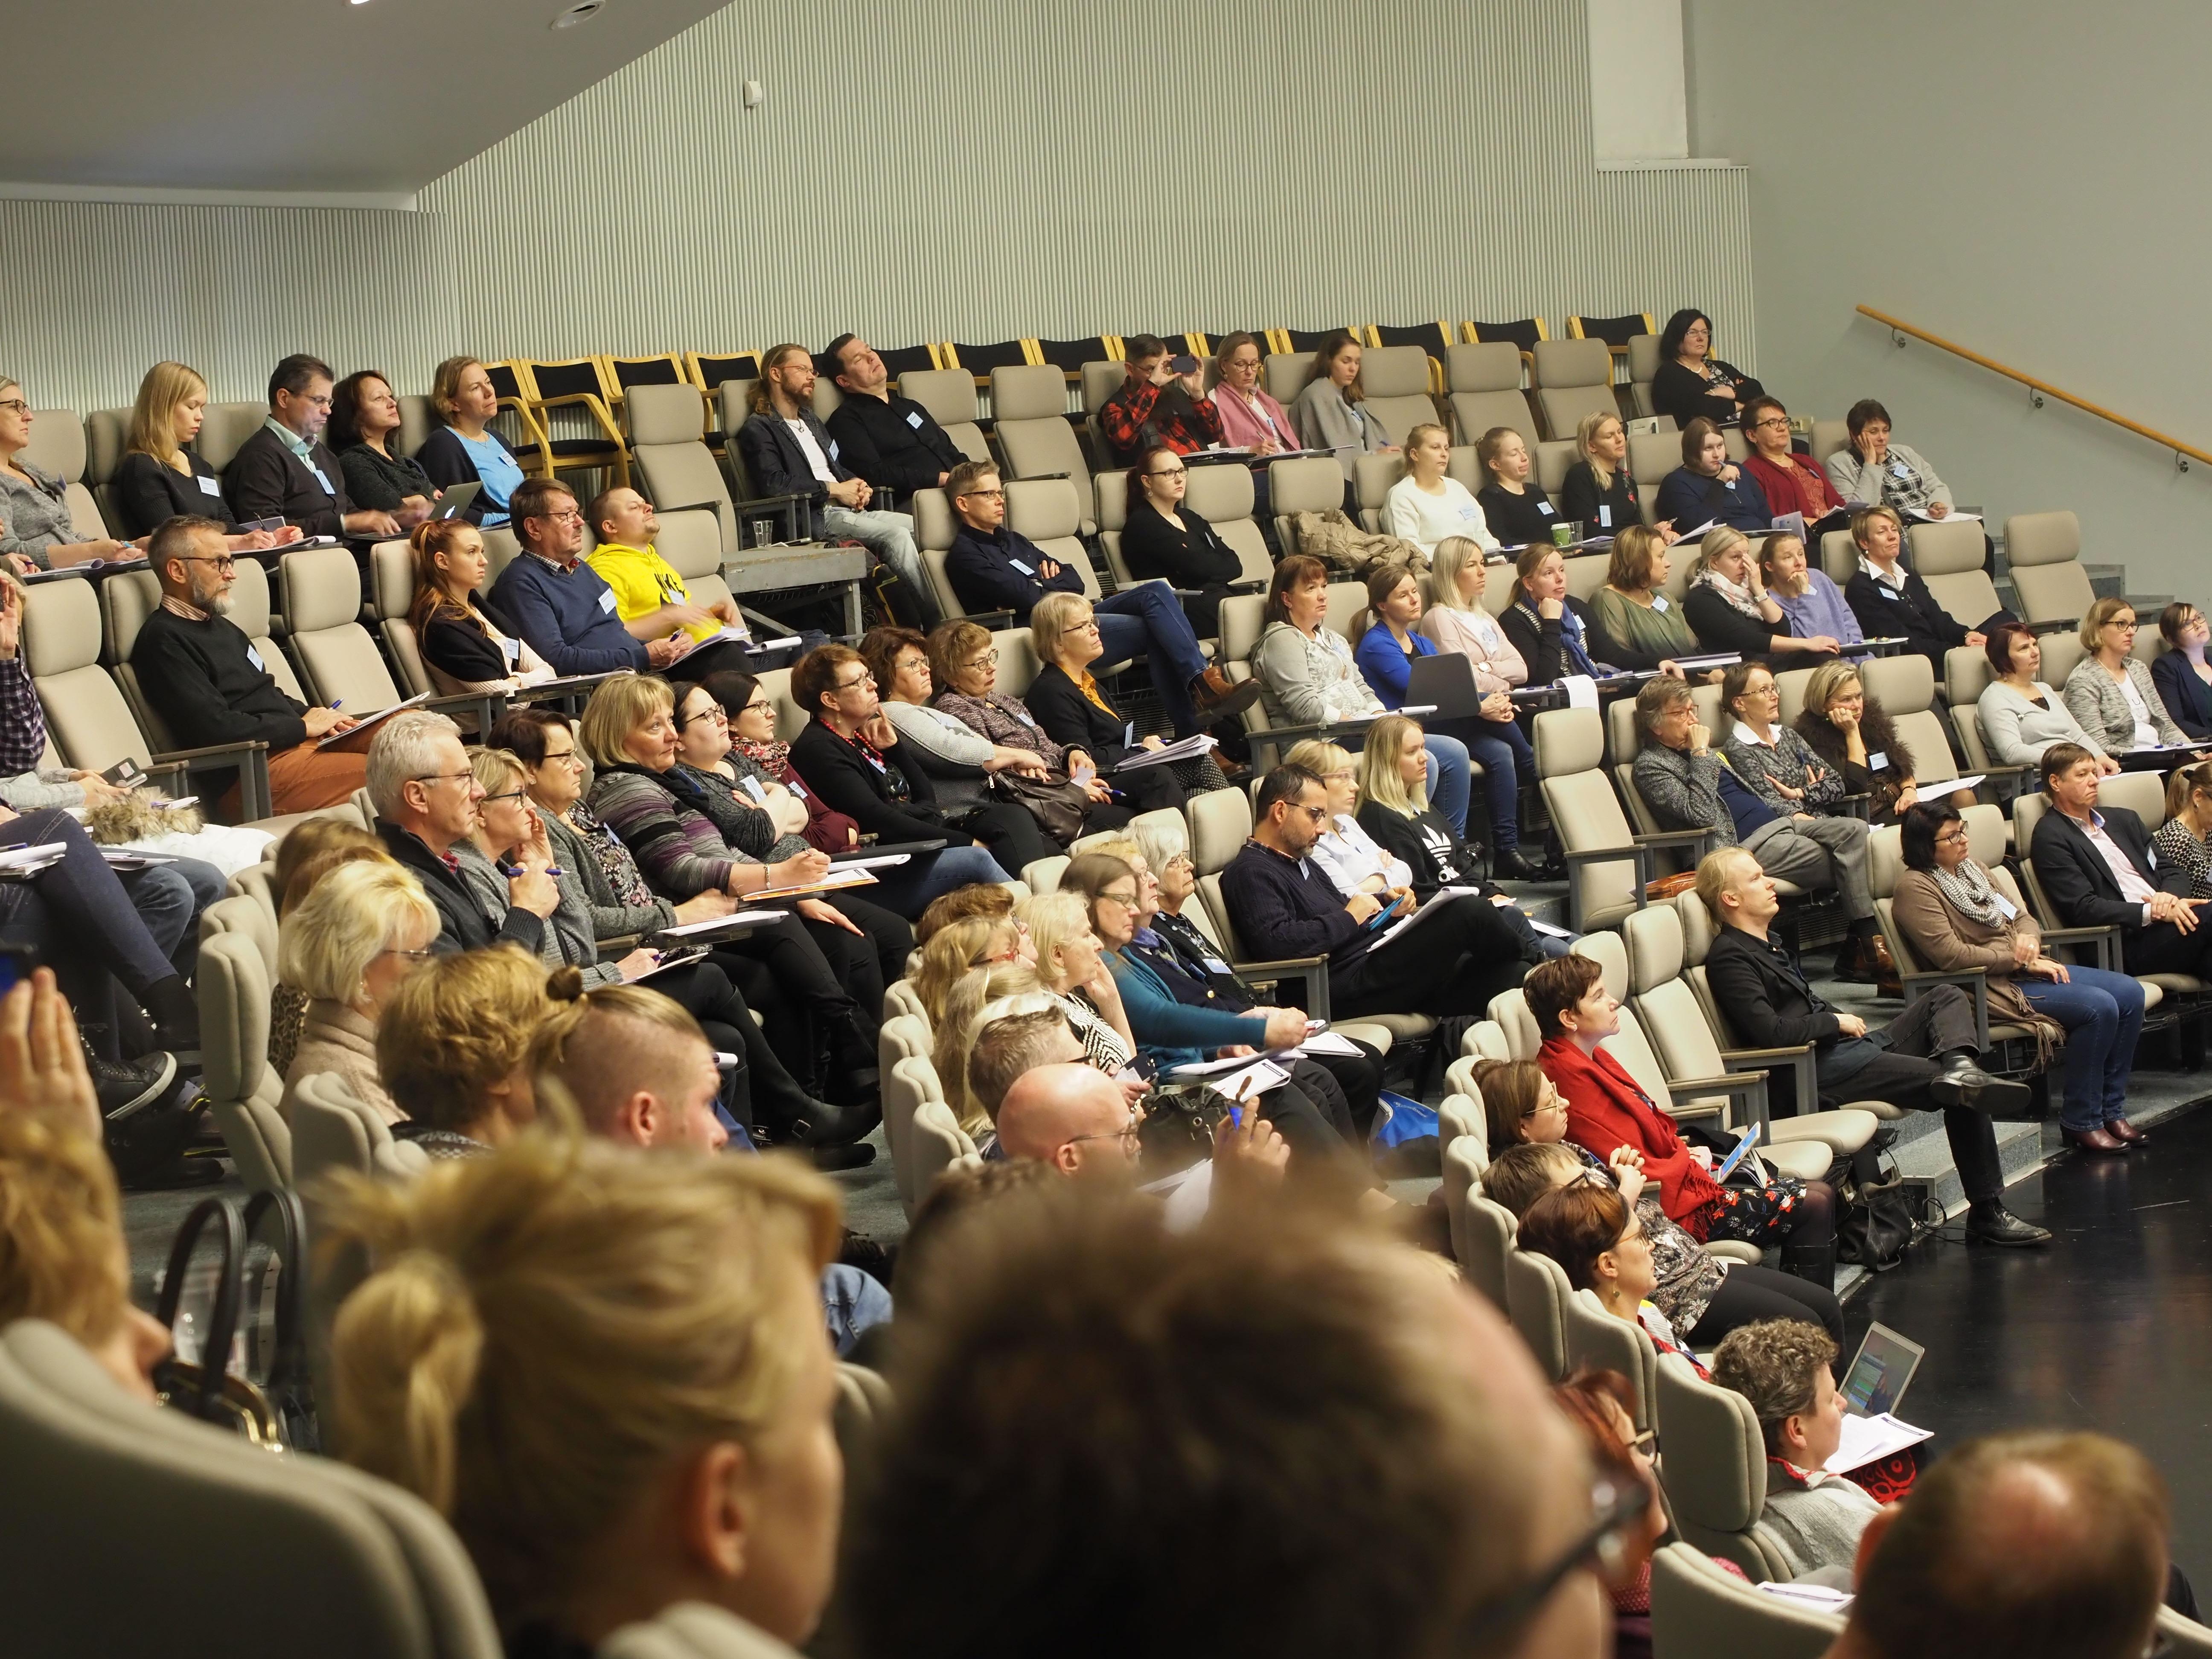 Yleisö kuuntelemassa esitystä.